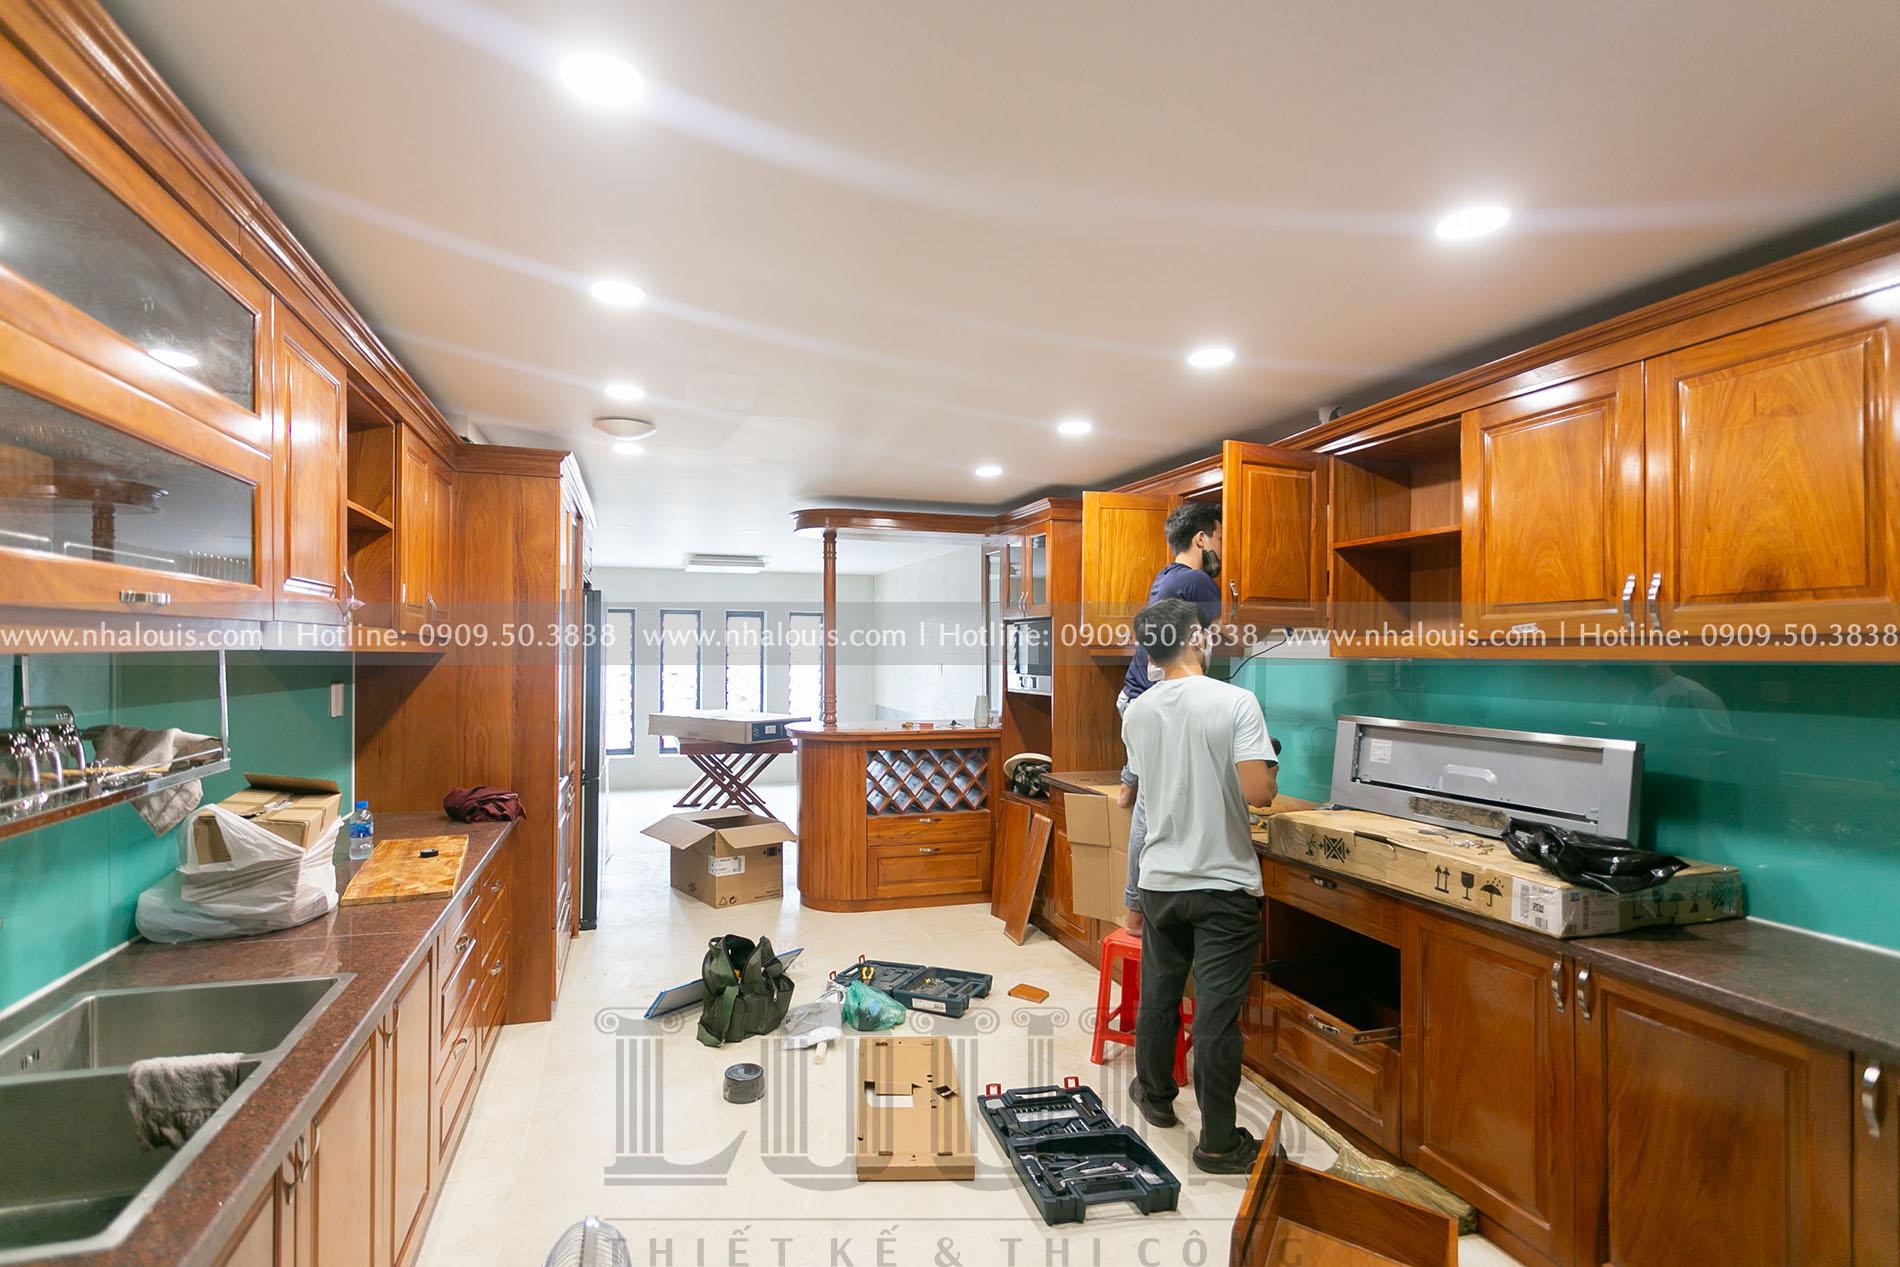 Phòng bếp và phòng ăn nhà phố tân cổ điển